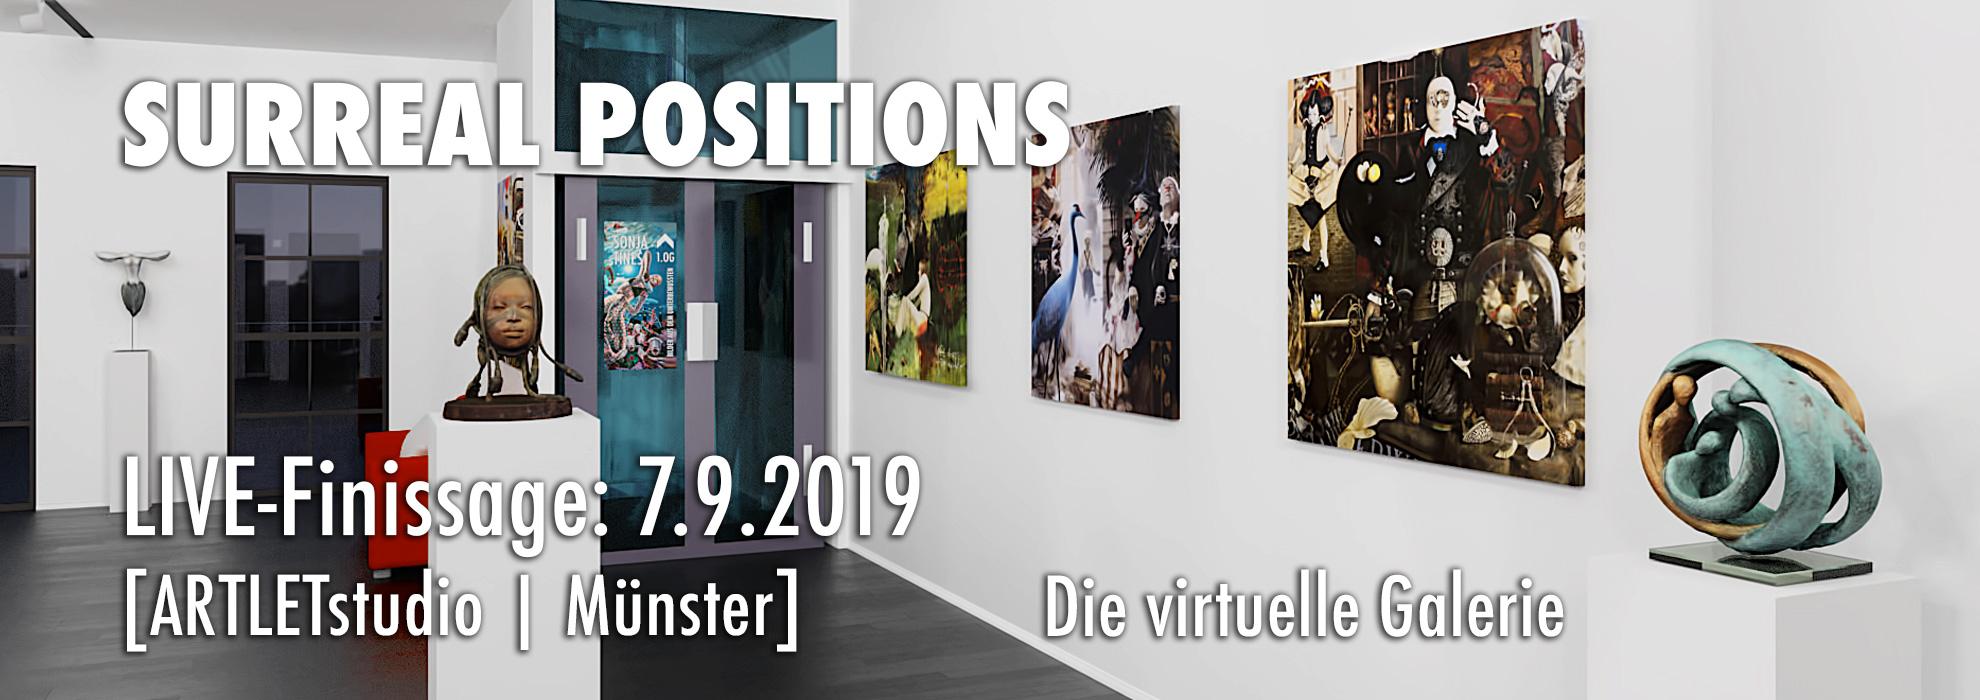 AusstellungSlider-Surreal-Positions